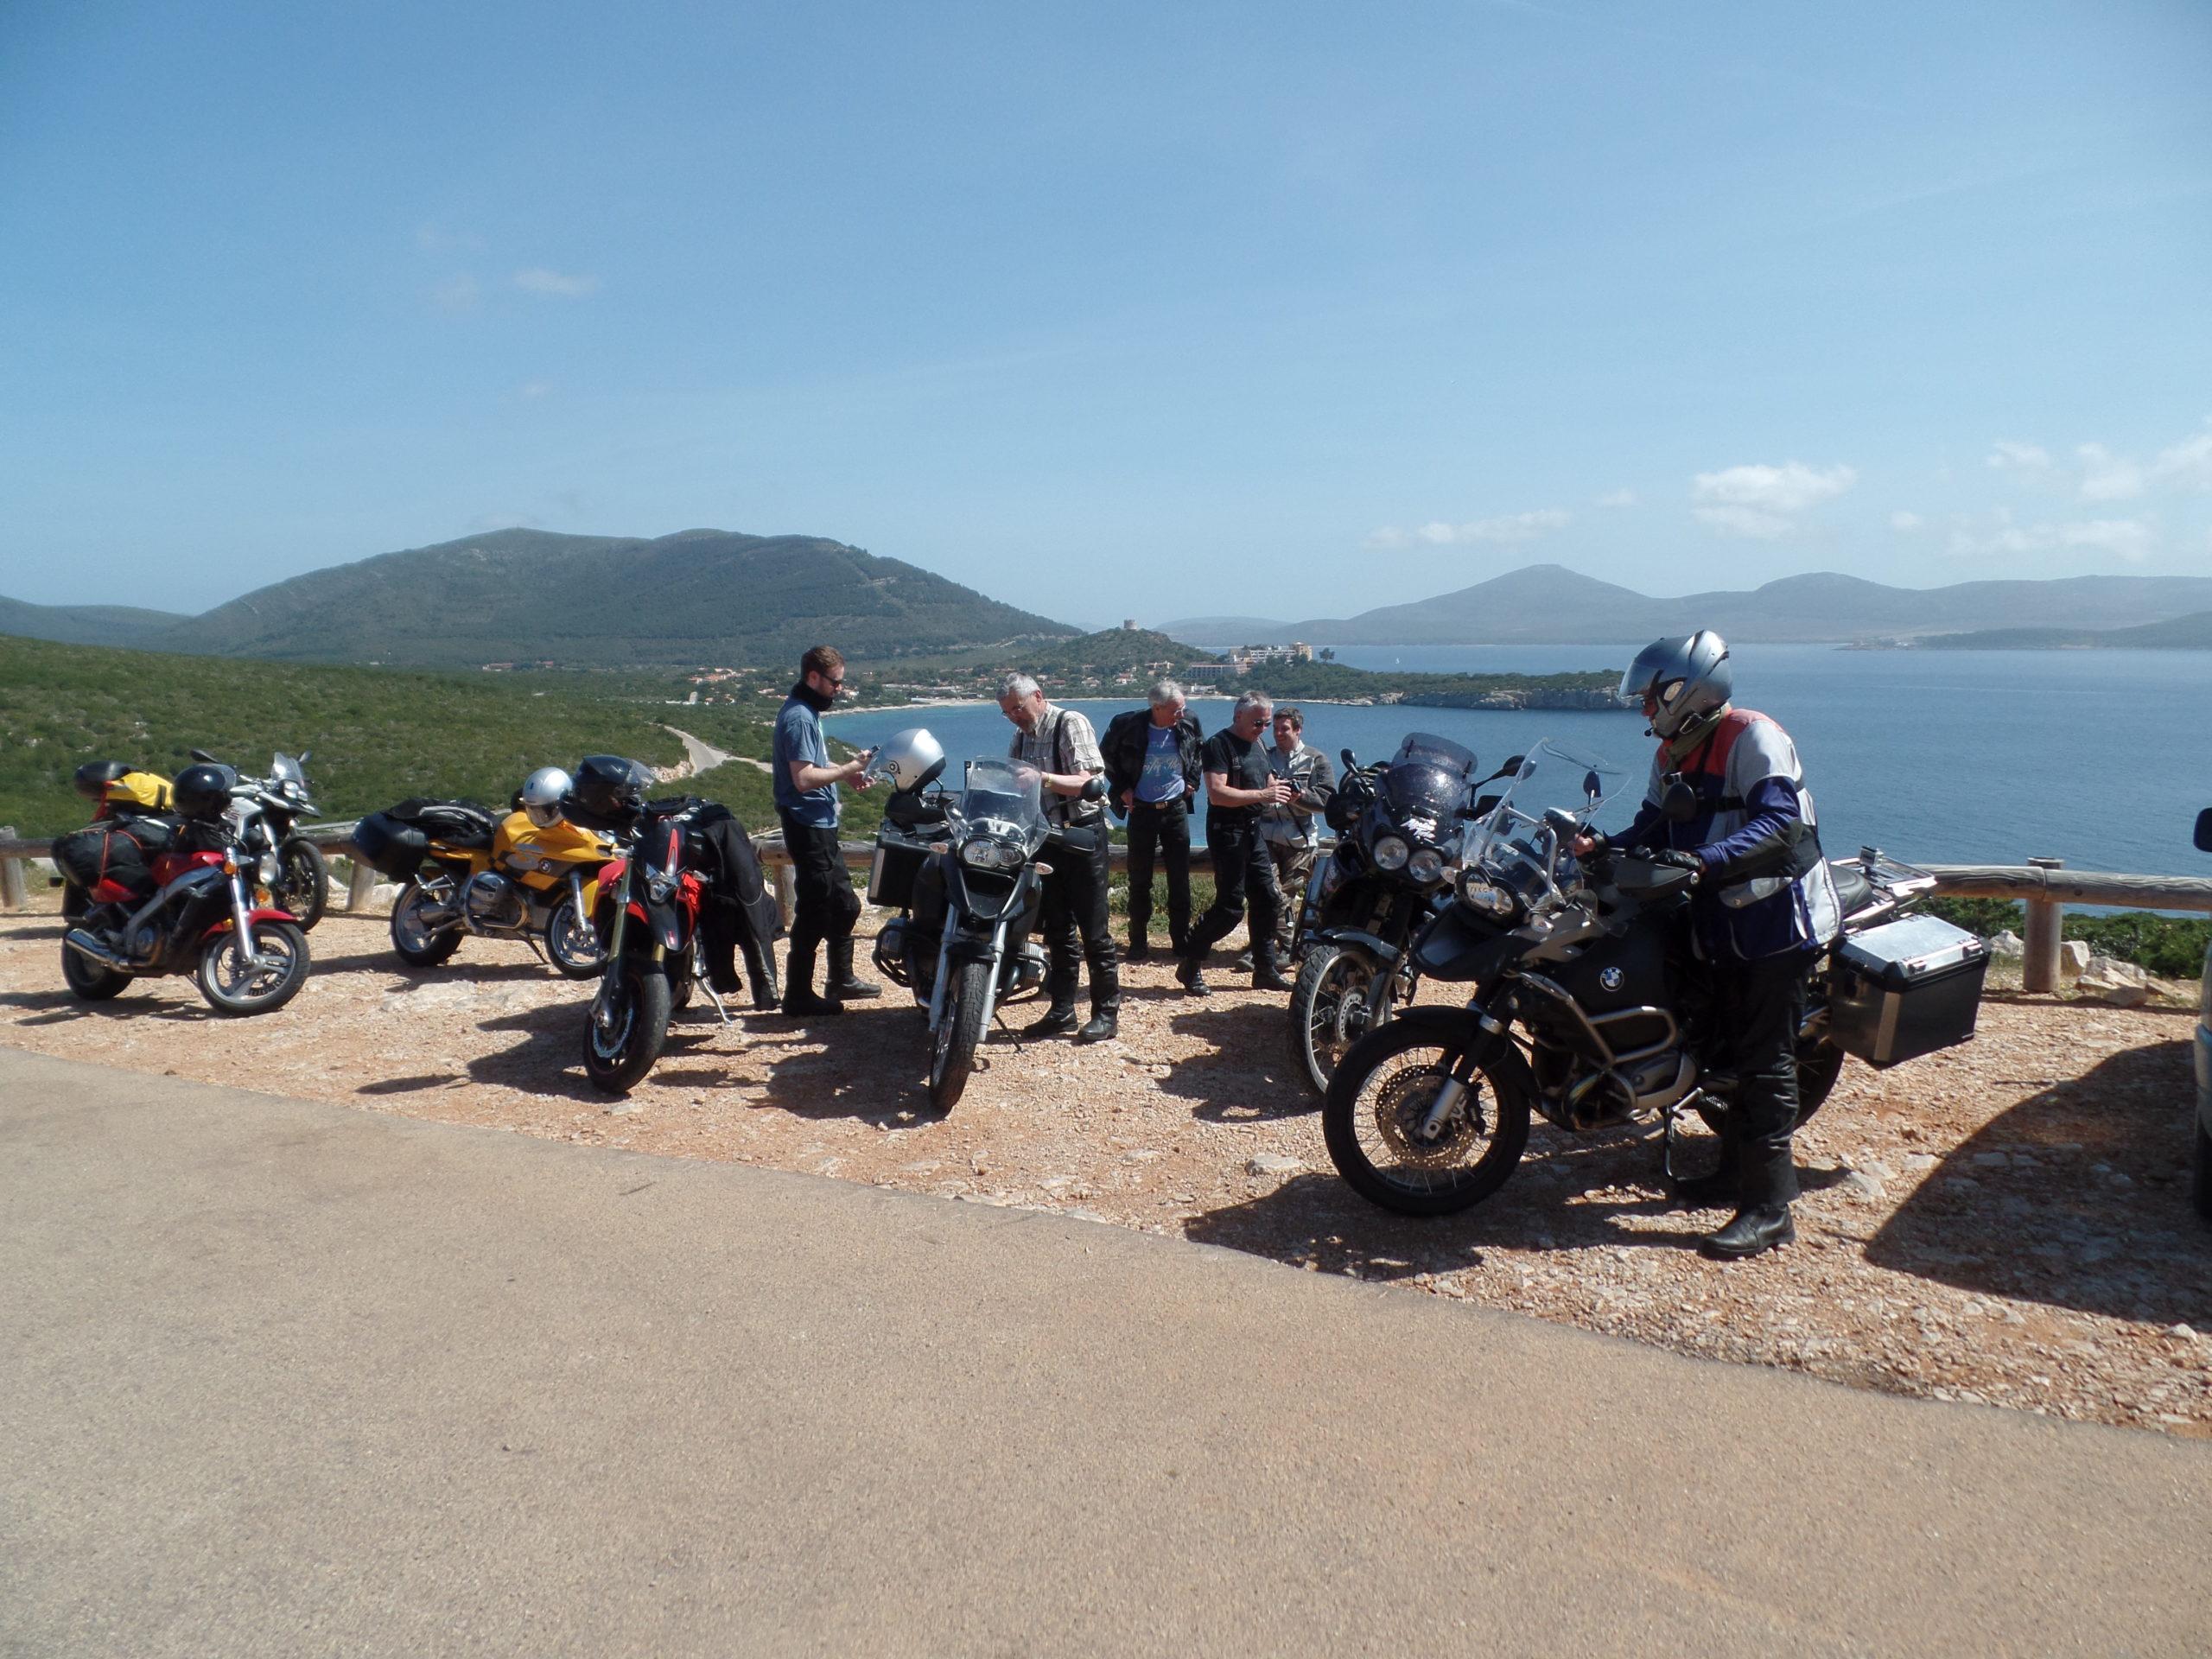 Sardinien – immer eine Reise wert 19.09.2020